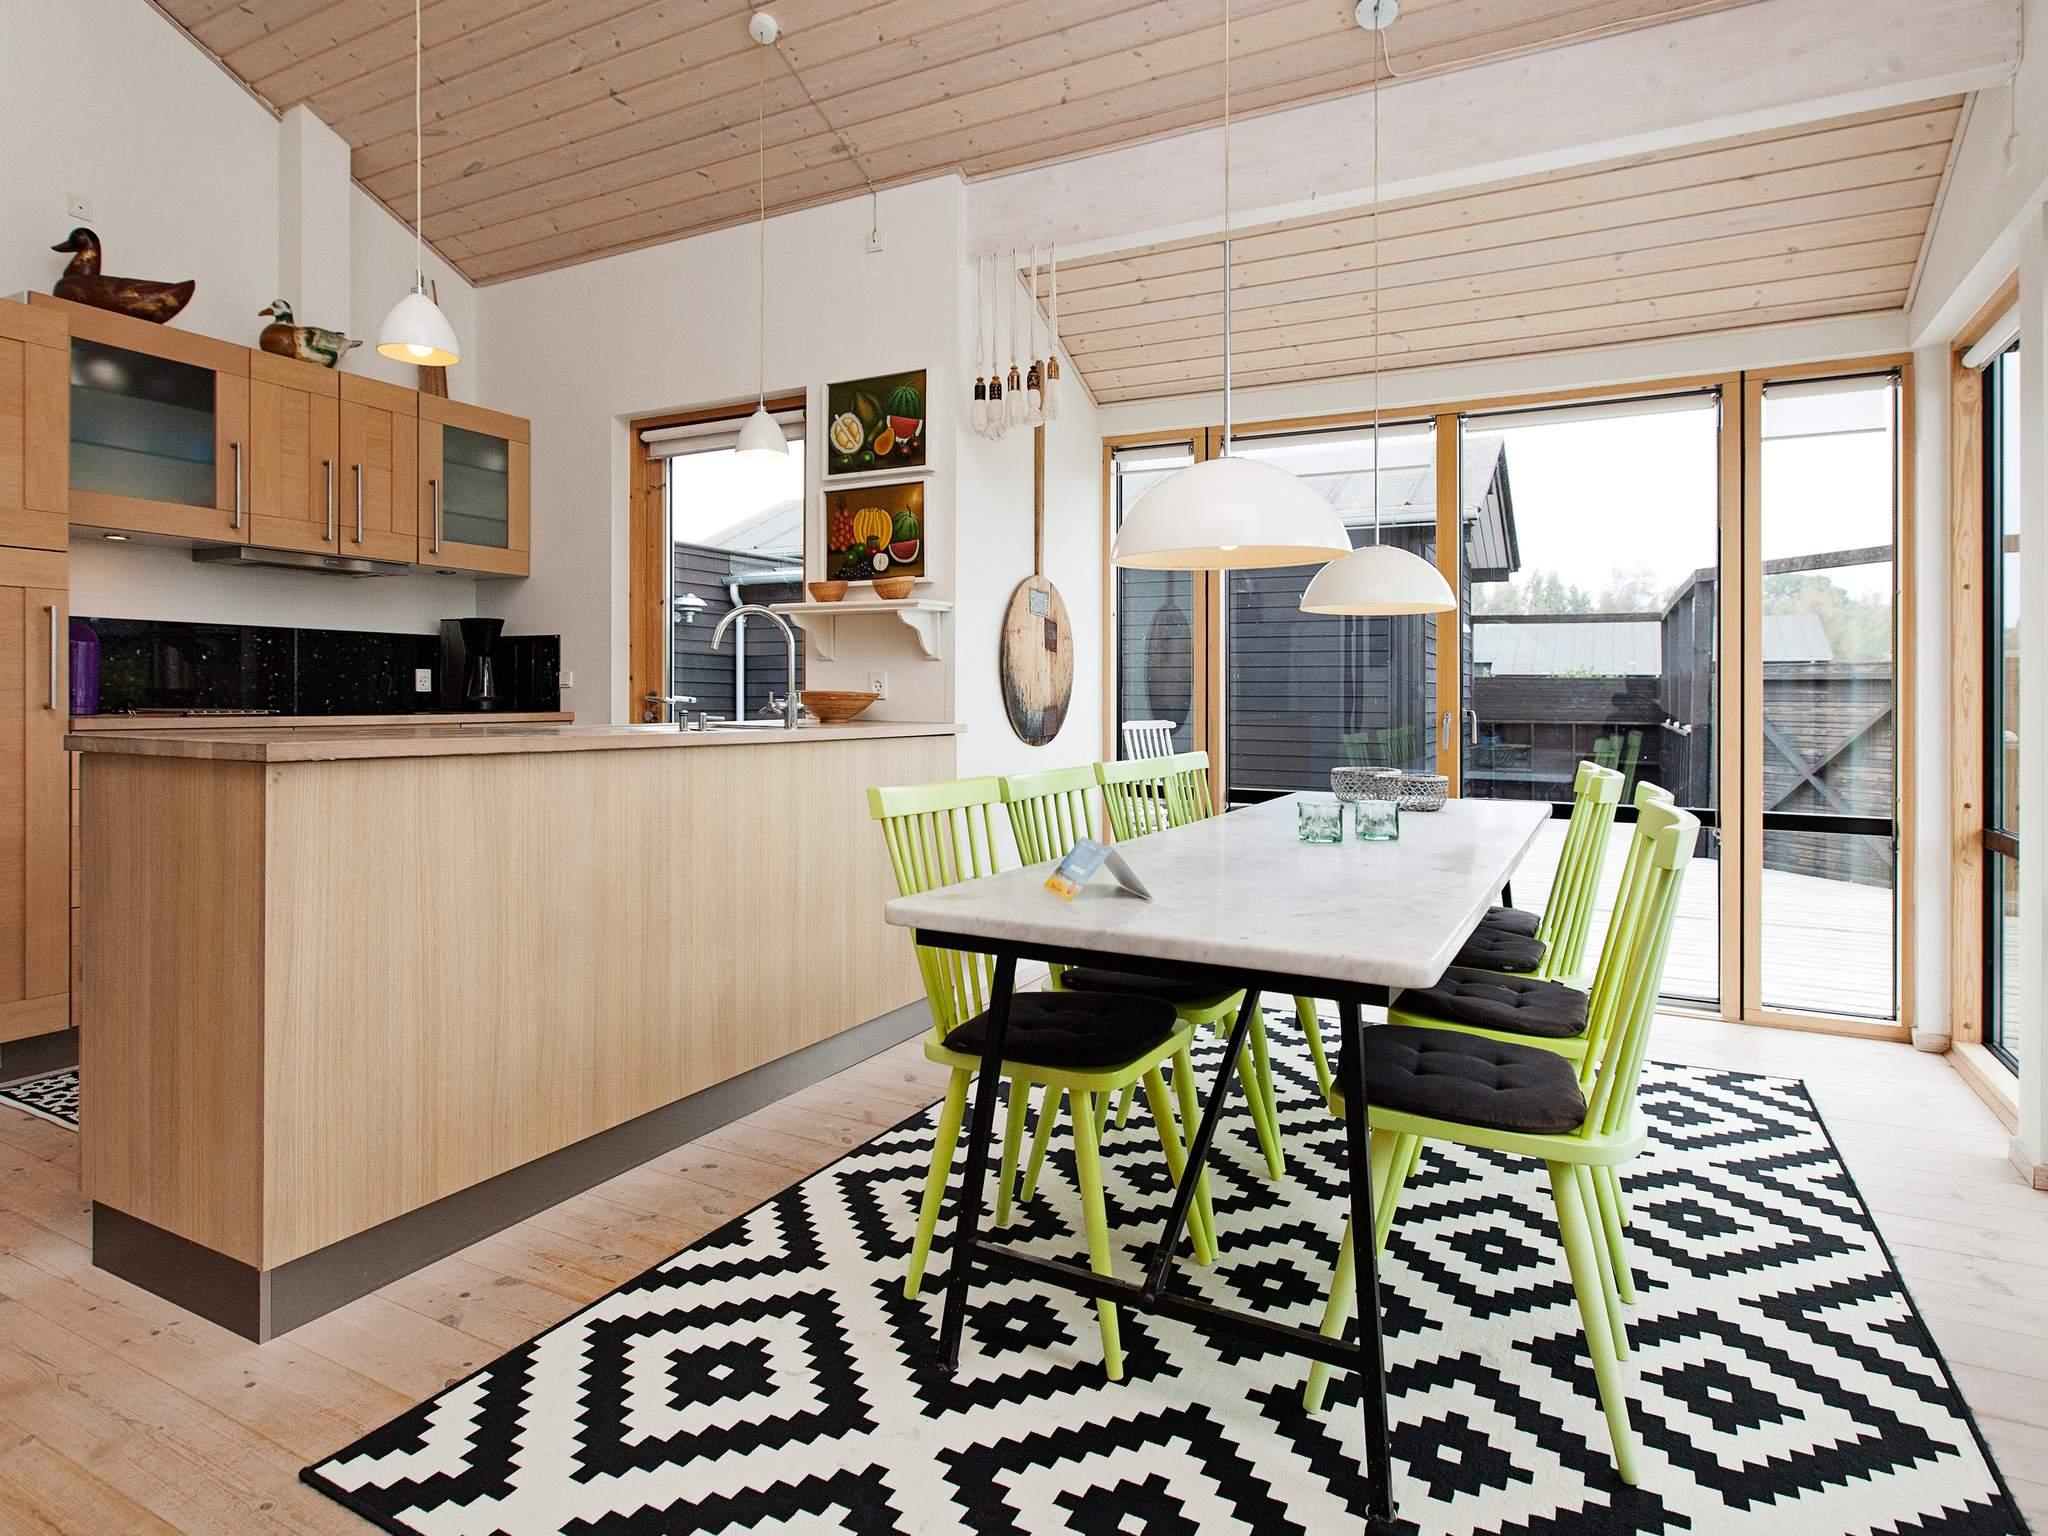 Ferienhaus Ulvshale (216908), Stege, , Møn, Dänemark, Bild 2